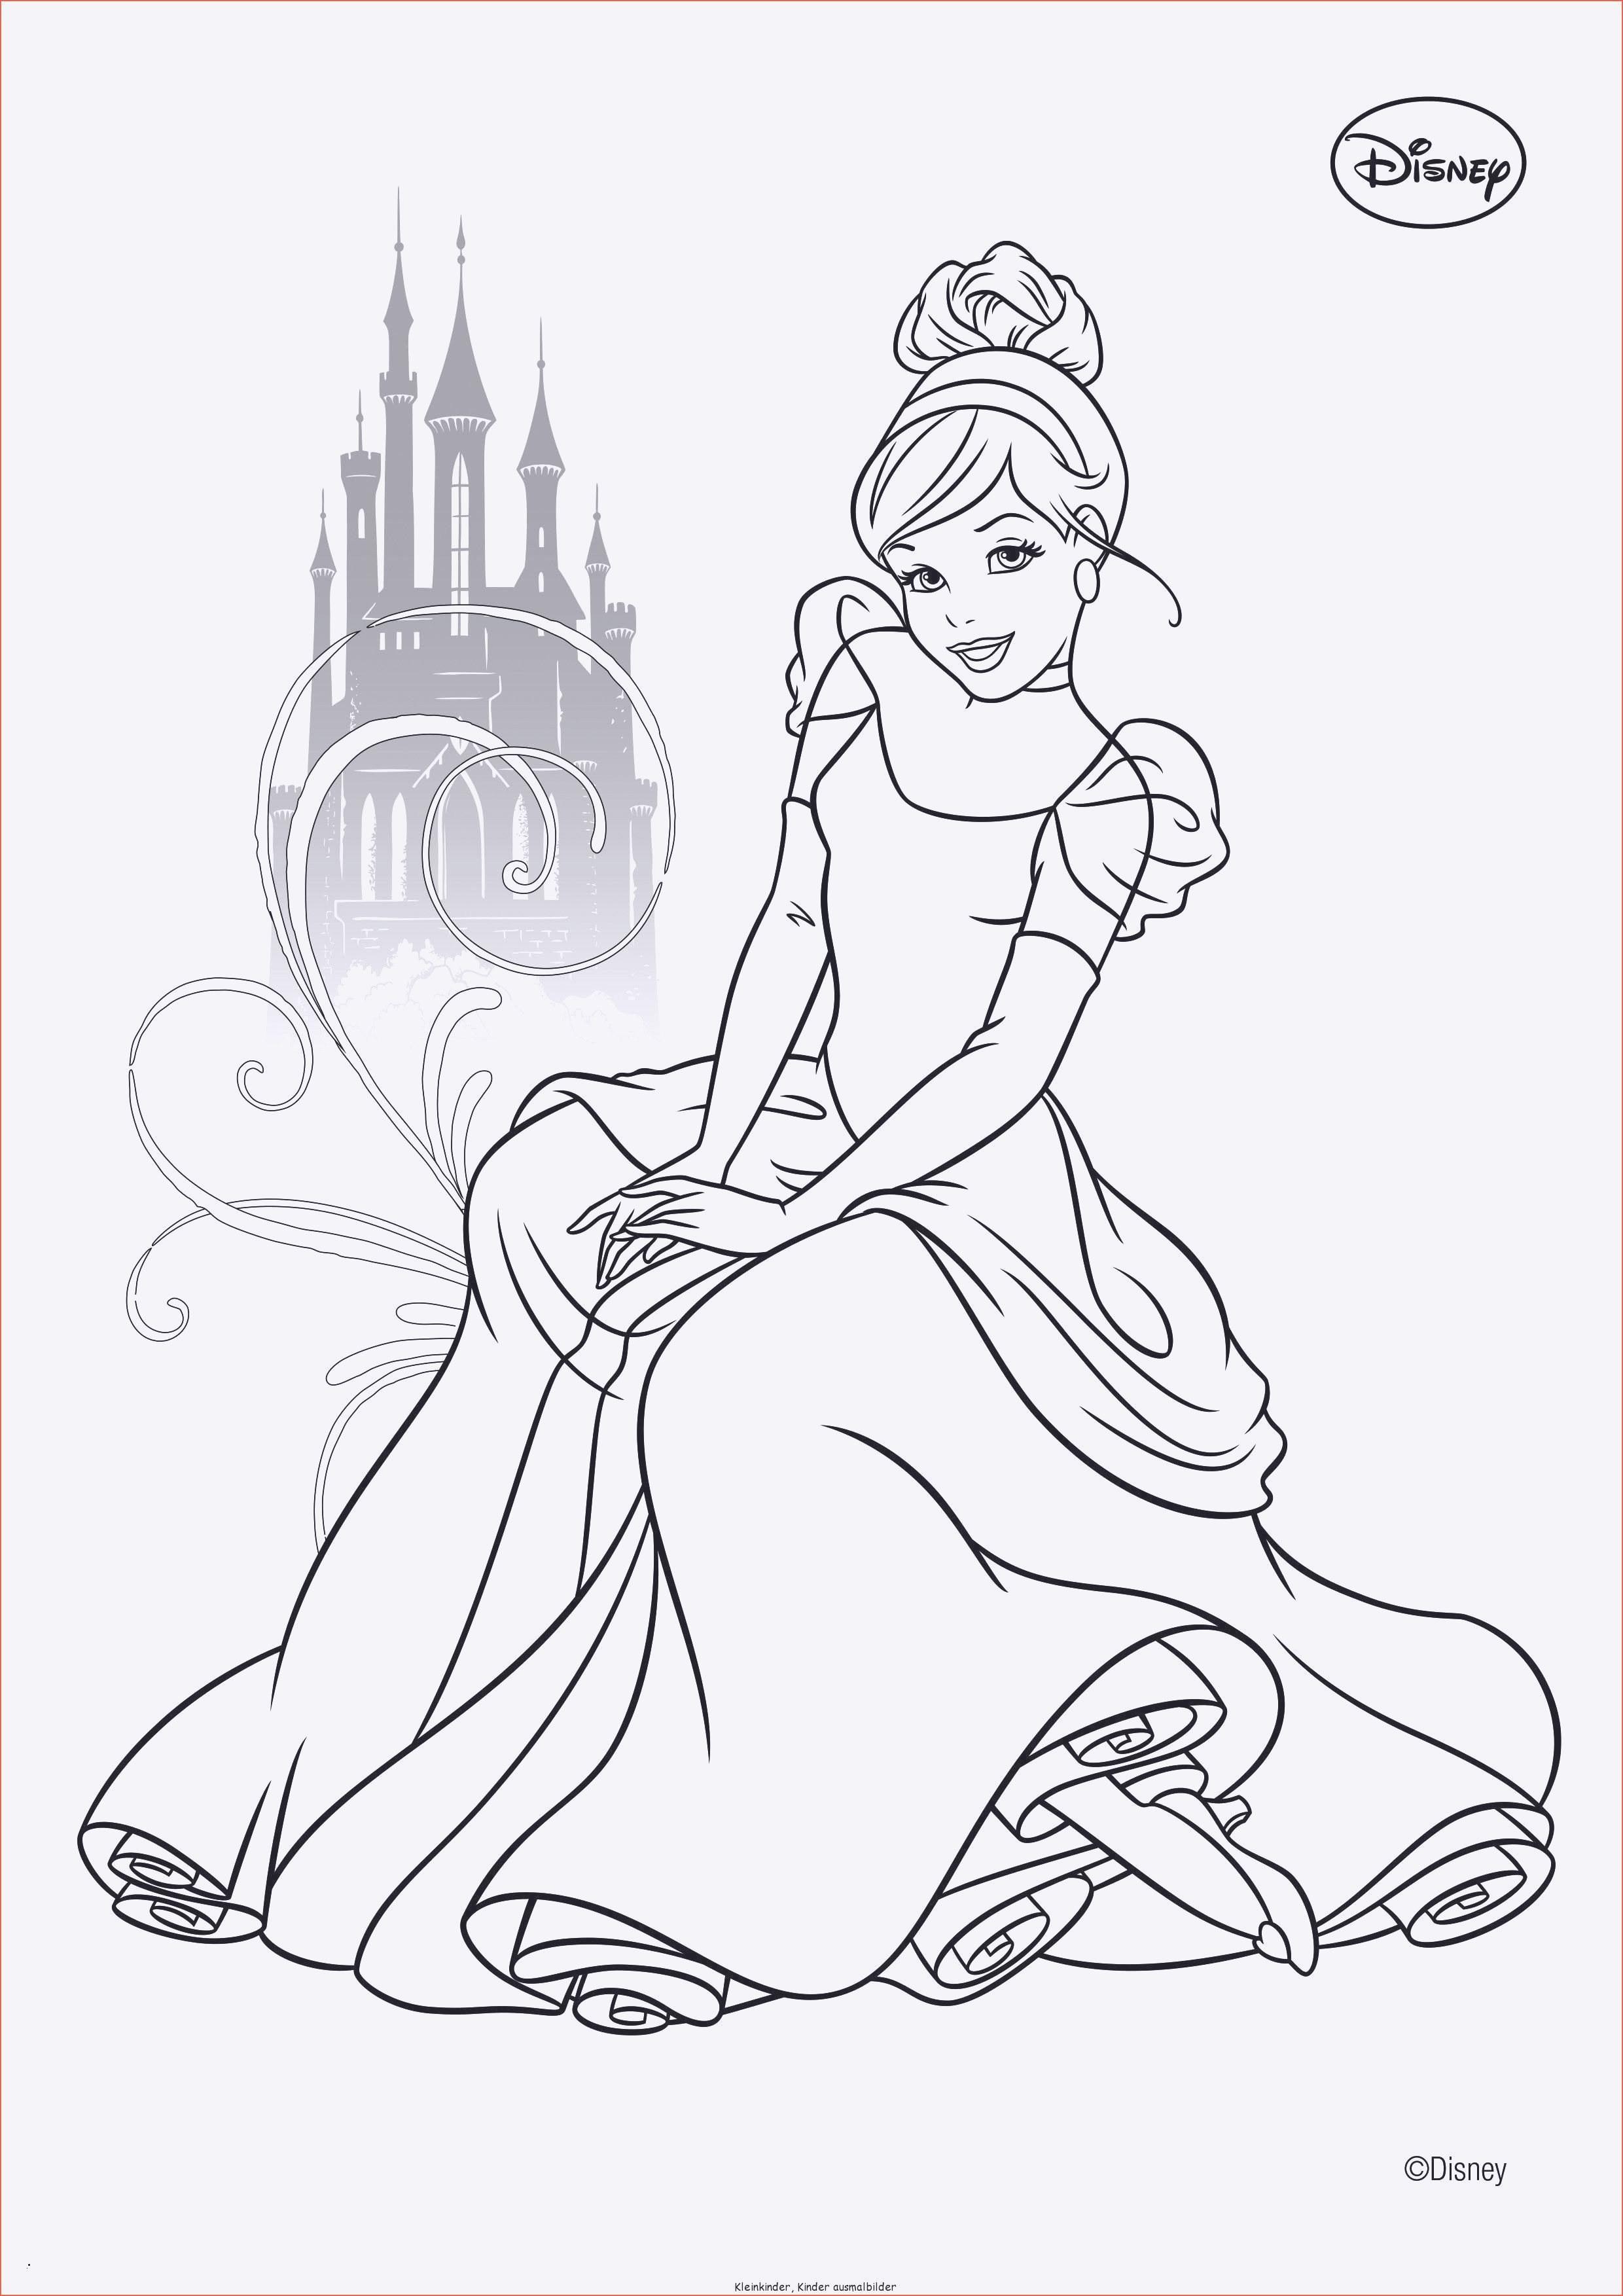 Eiffelturm Zum Ausmalen Das Beste Von 48 Schöpfung Ausmalbilder Prinzessin Elsa Treehouse Nyc Bild